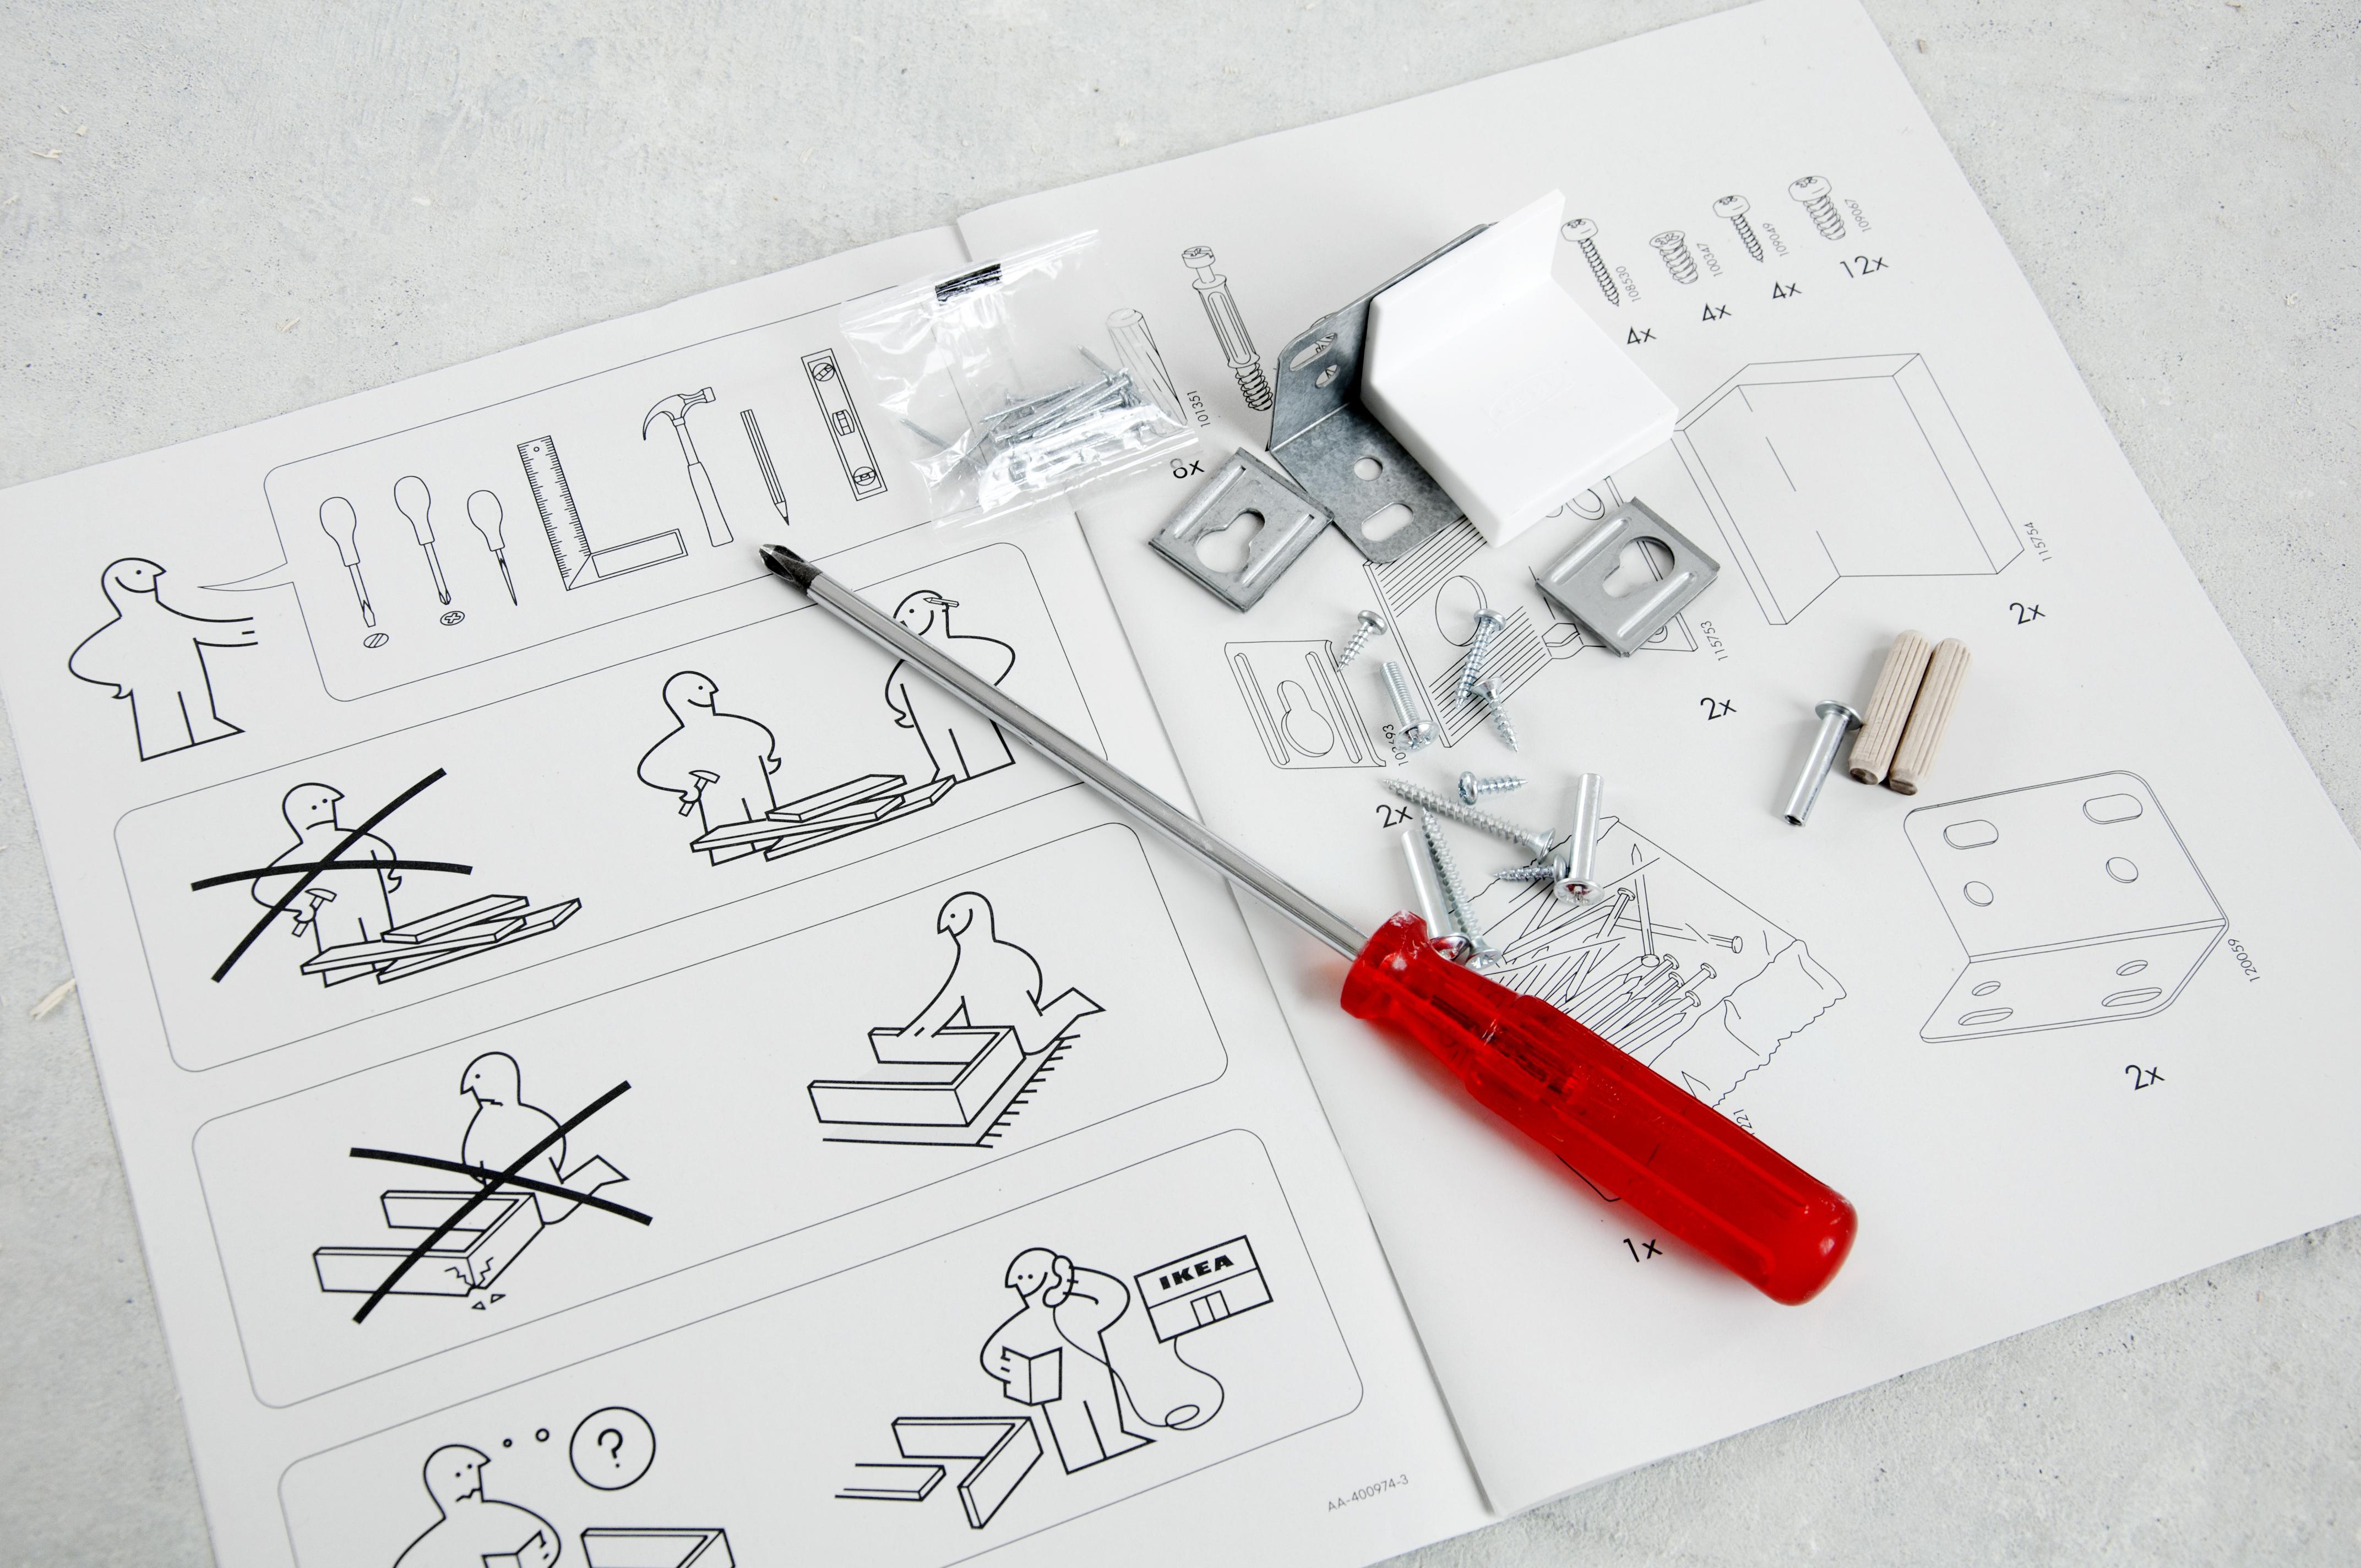 Ikea & TaskRabbit Partnership - Sunset Magazine